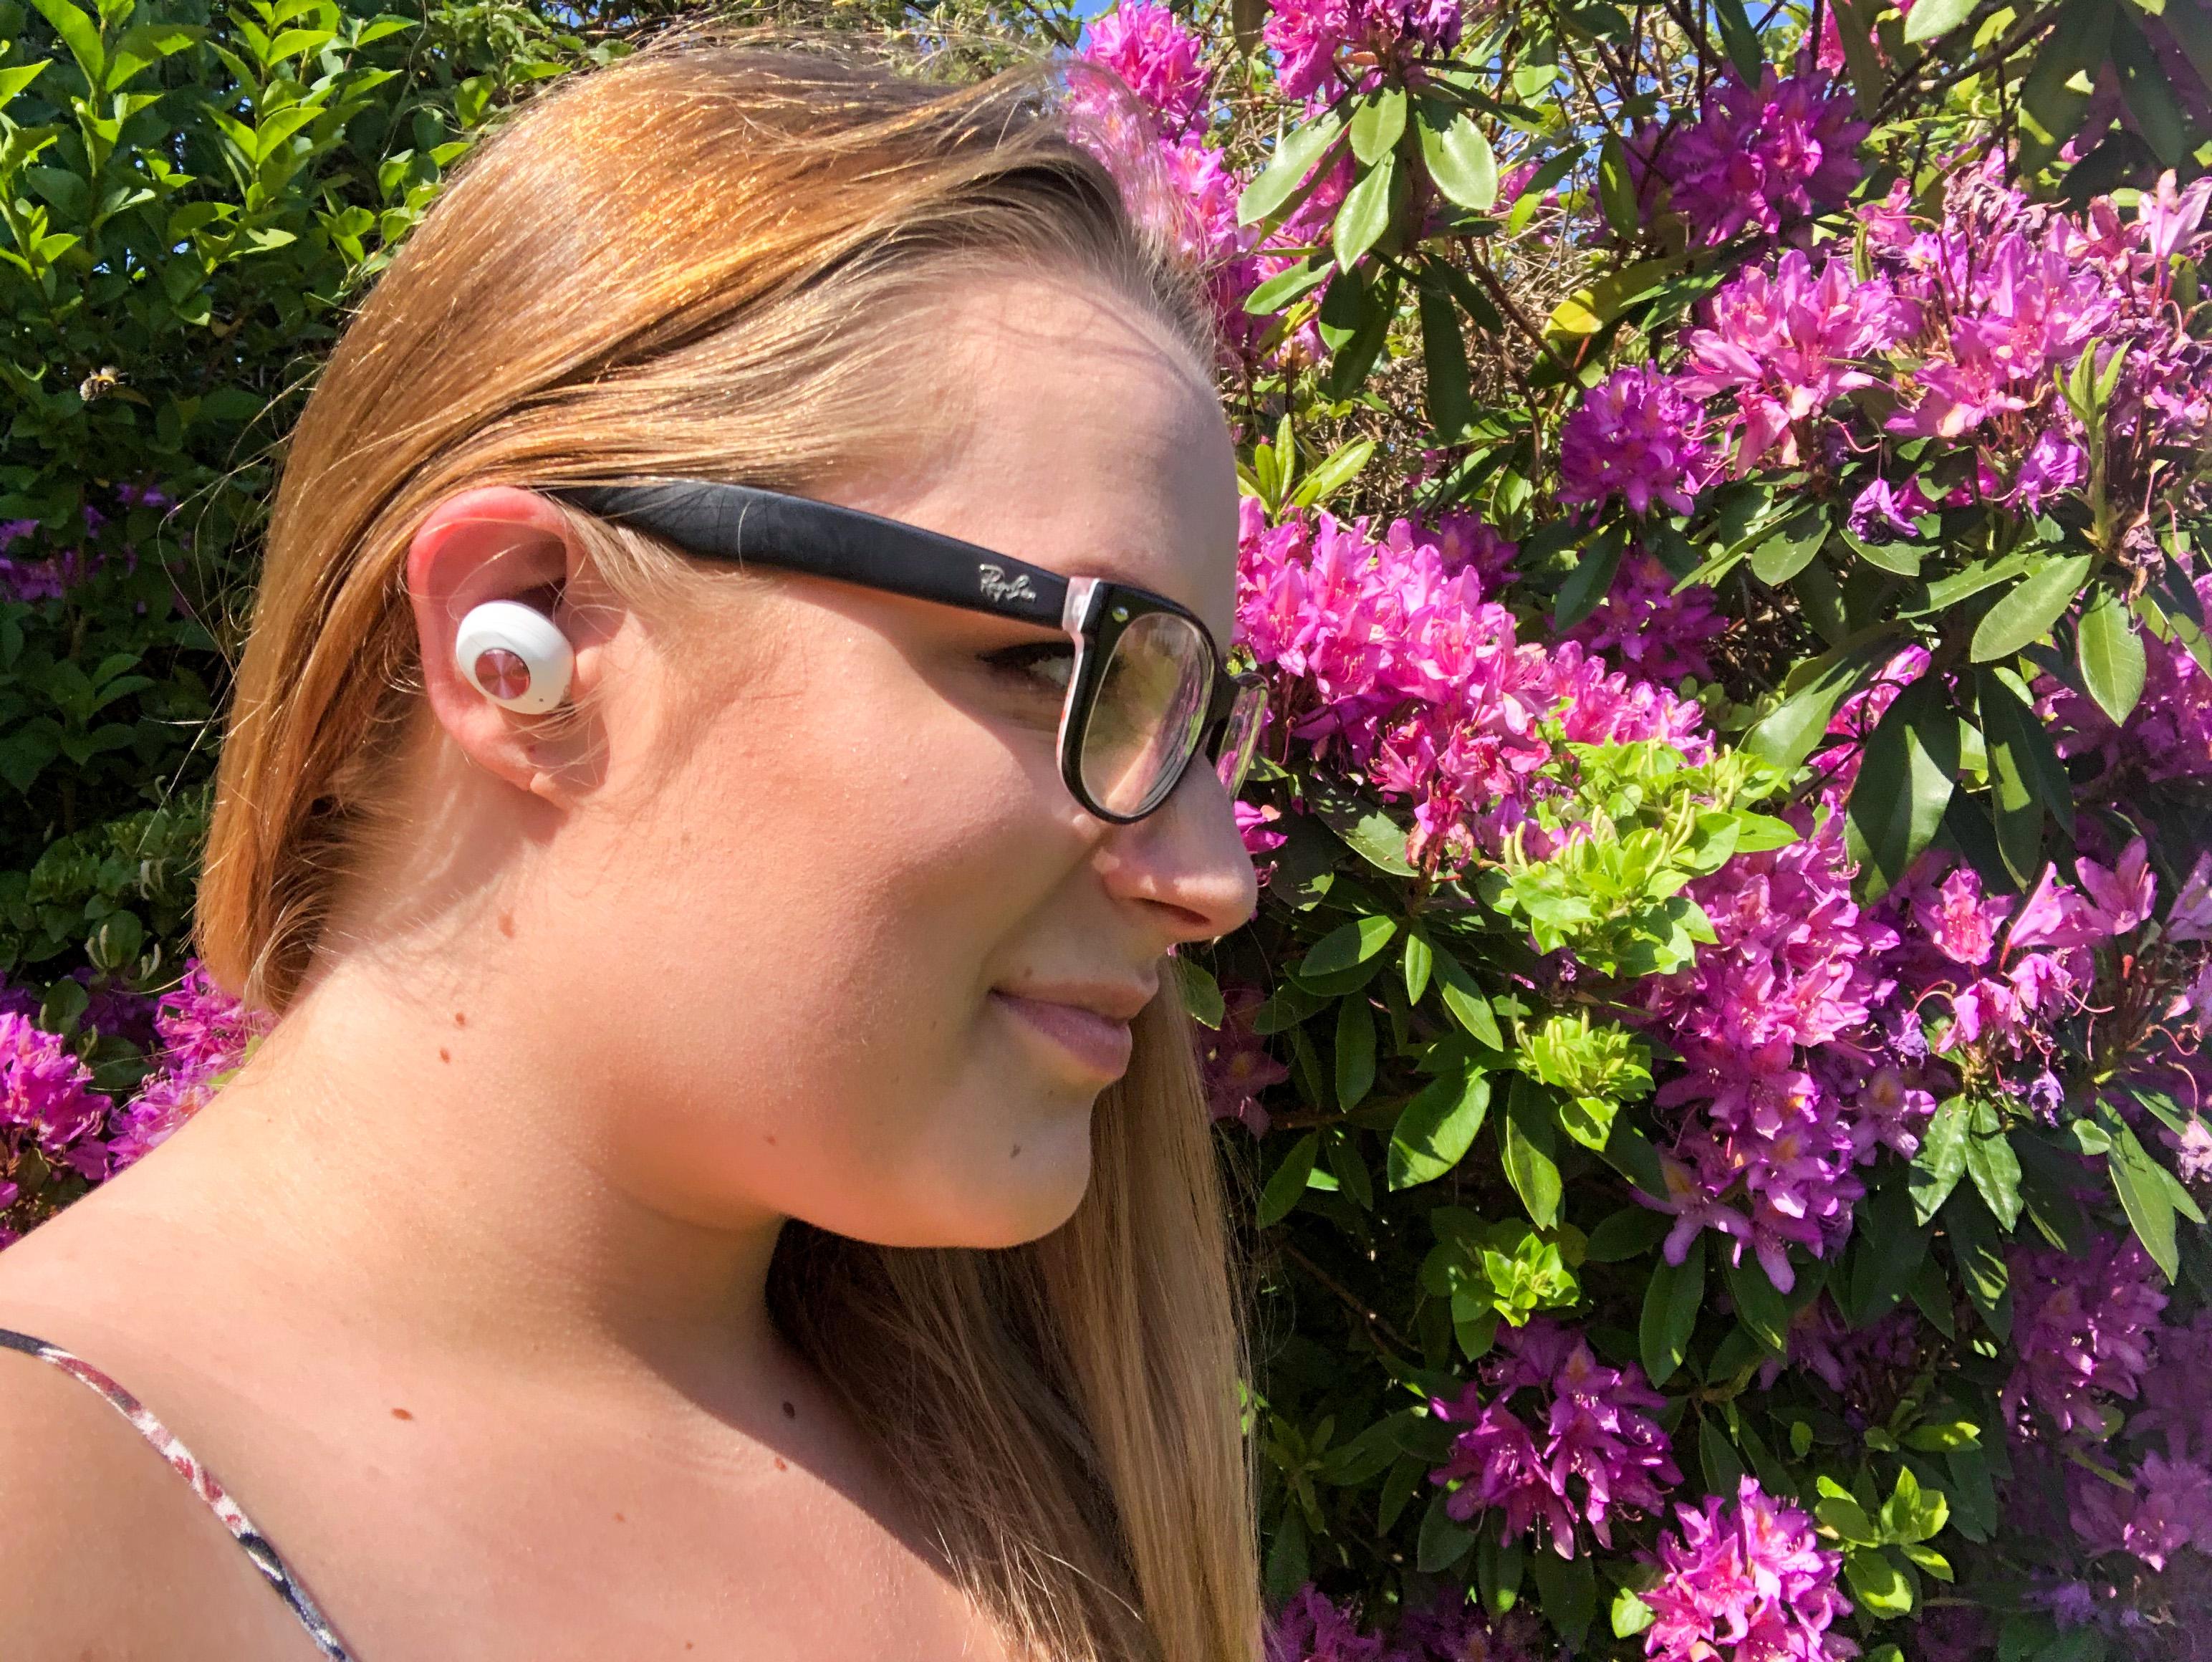 sudio earphones